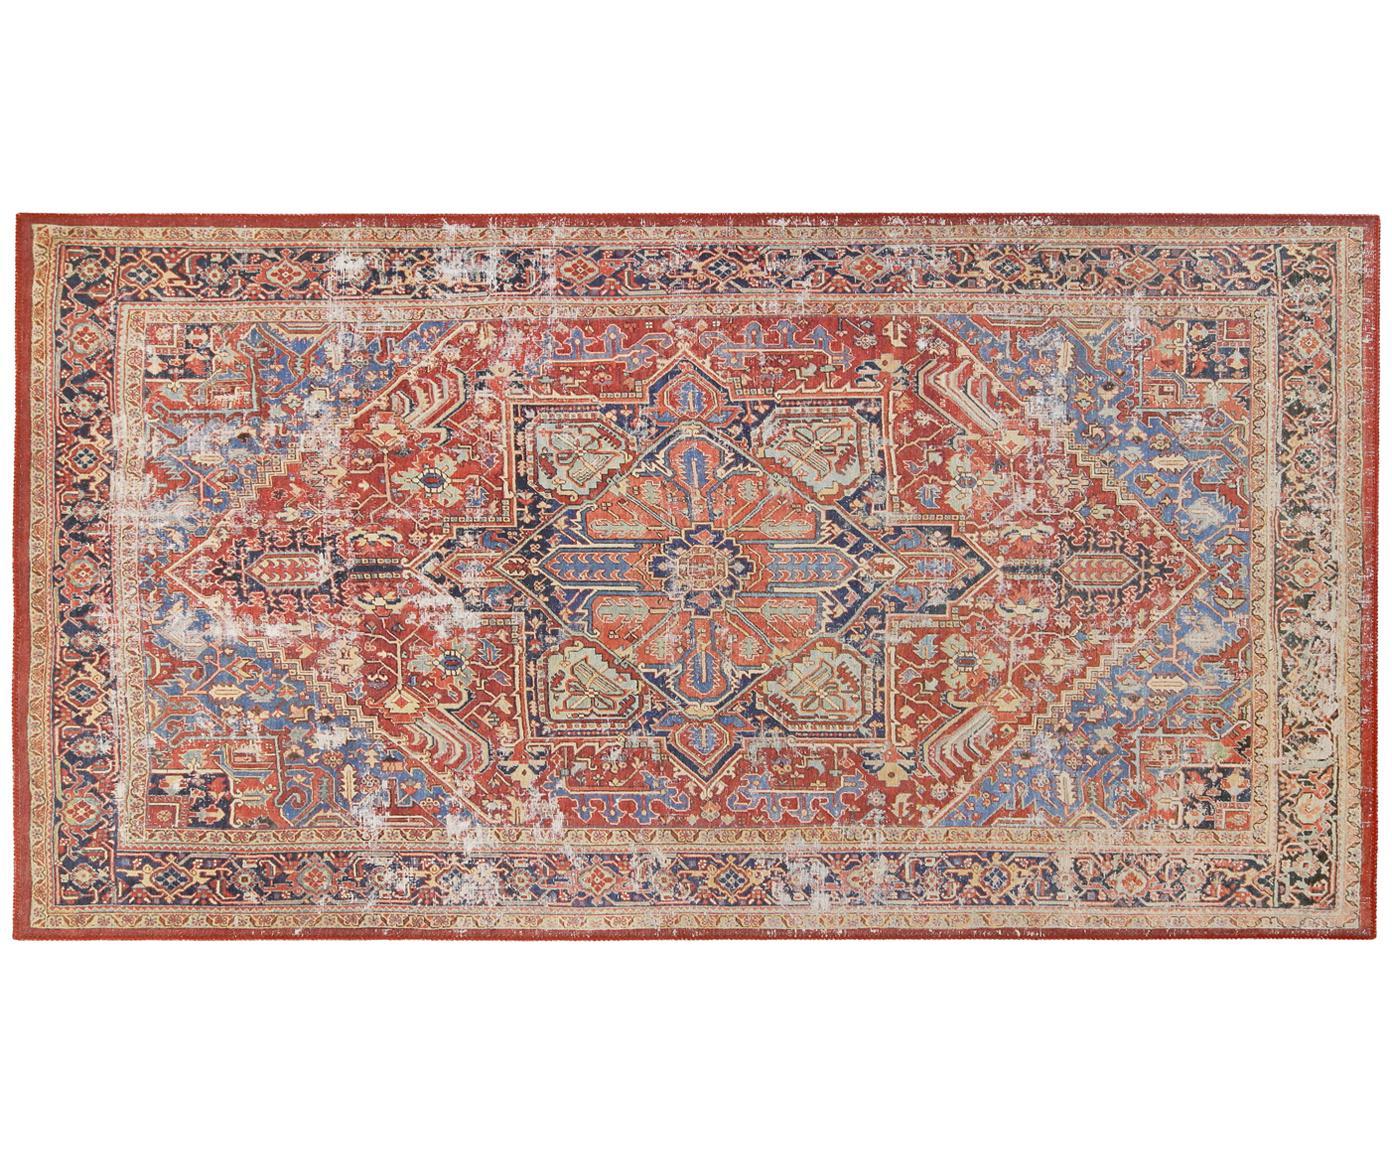 Dywan szenilowy vintage Paulo, Czerwony, niebieski, beżowy, S 80 x D 150 cm (Rozmiar XS)